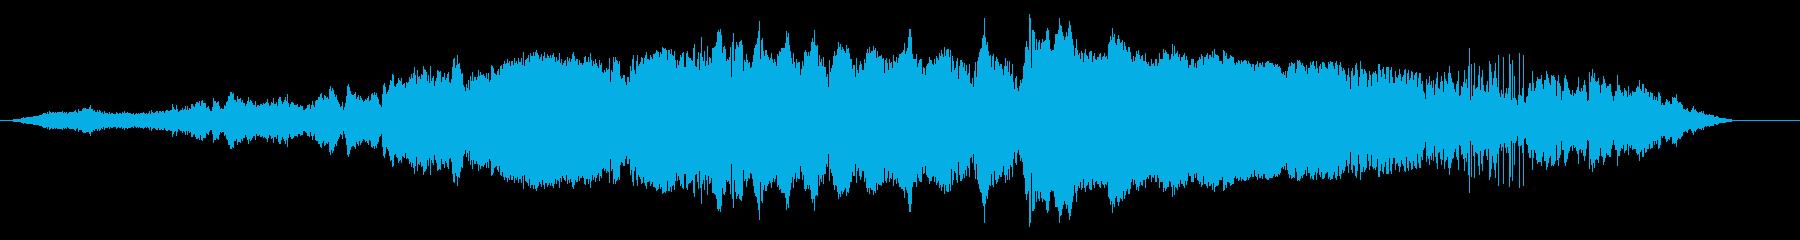 ビンテージフォーミュラ1;フォール...の再生済みの波形